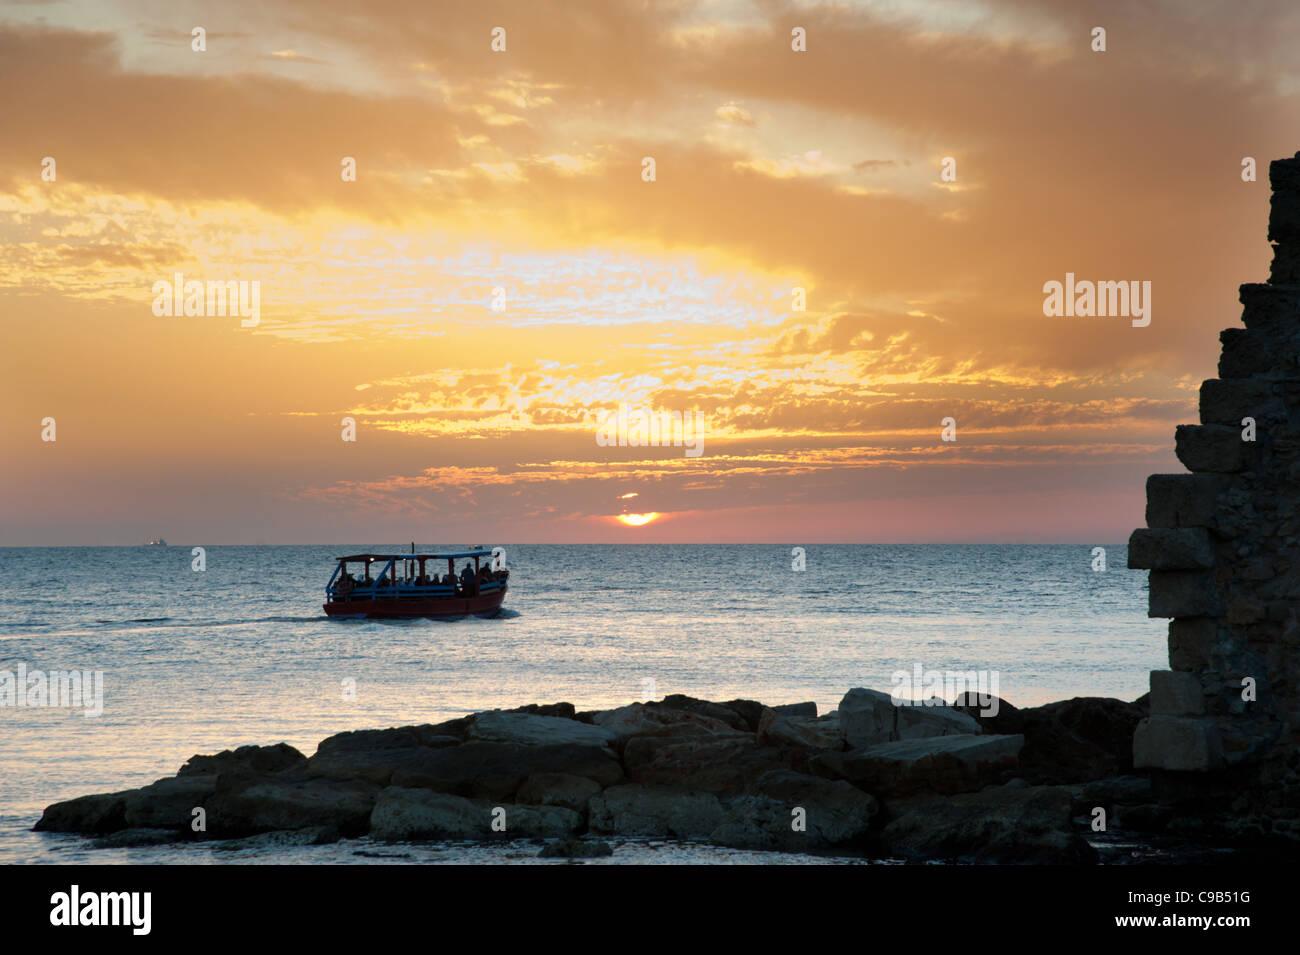 Le soleil se couche sur la mer Méditerranée à Akko (Acre), Israël. Photo Stock